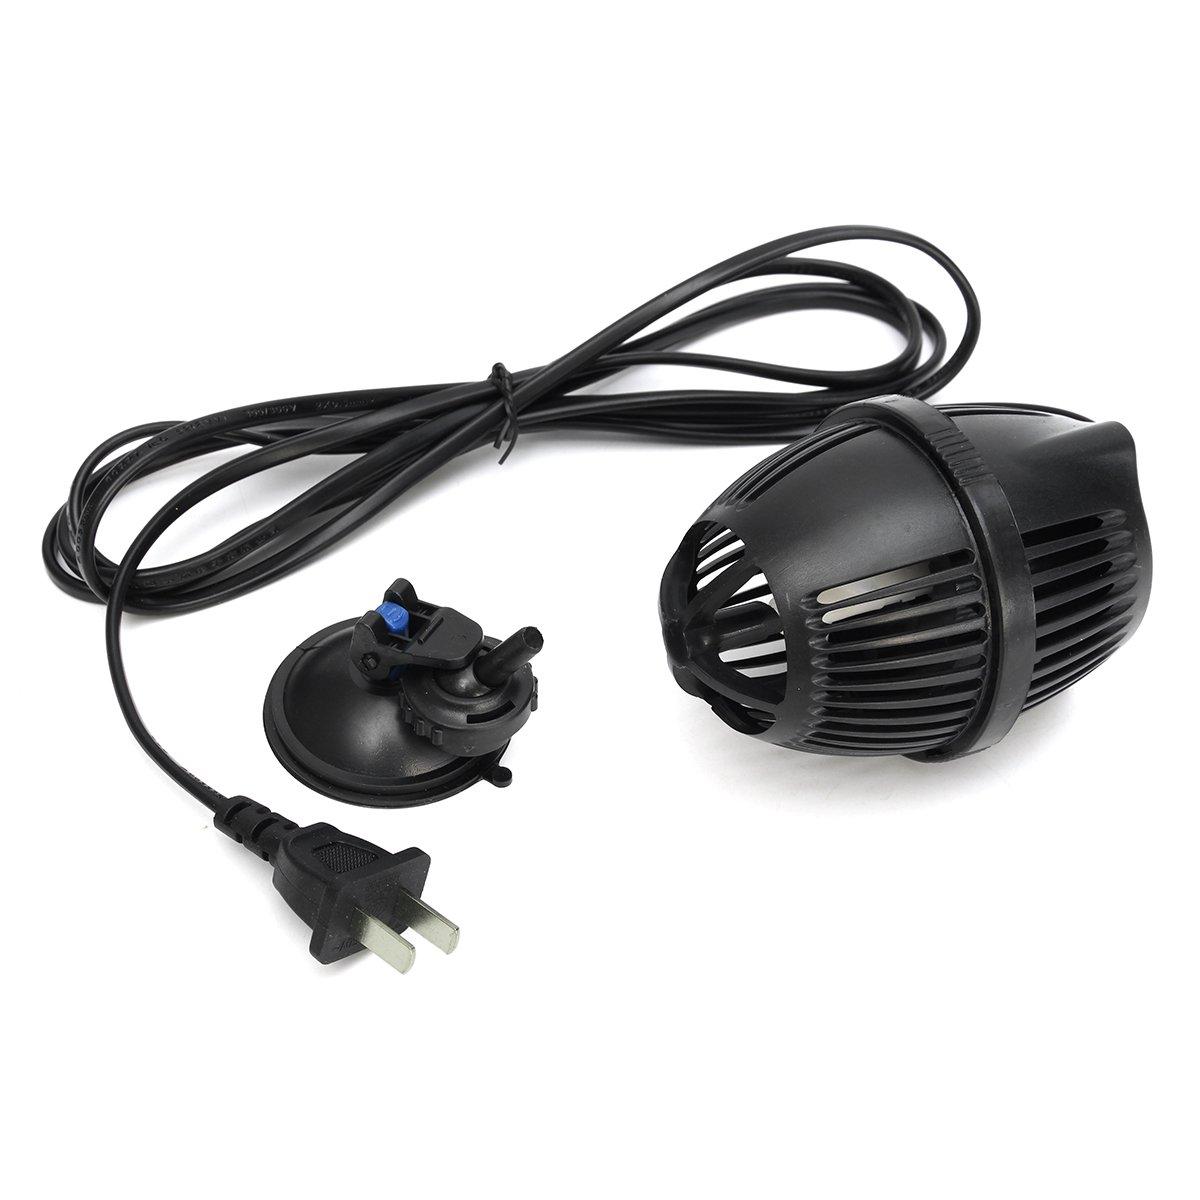 3000L/H 800 GPH Powerhead Aquarium Circulation Pump Wave Maker Suction Cup Mounted Aquarium Terrarium Water Pump Supplies